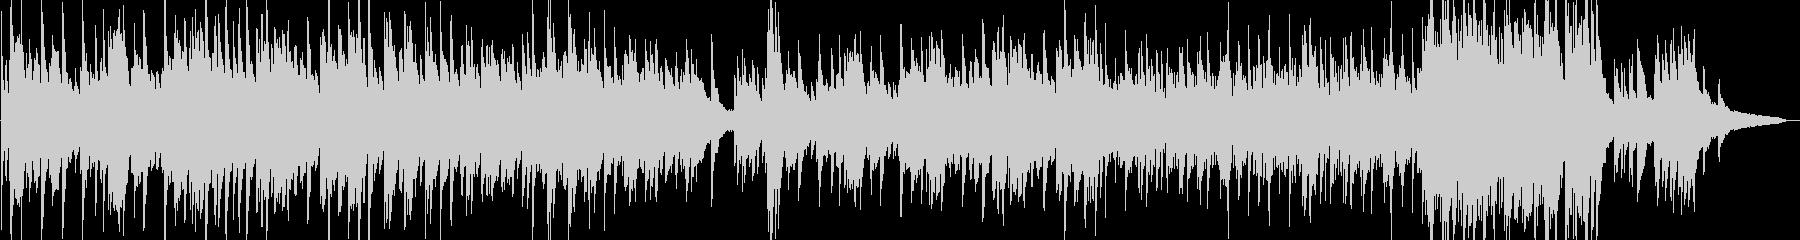 ピアノソロで企業VP映像OPにの未再生の波形